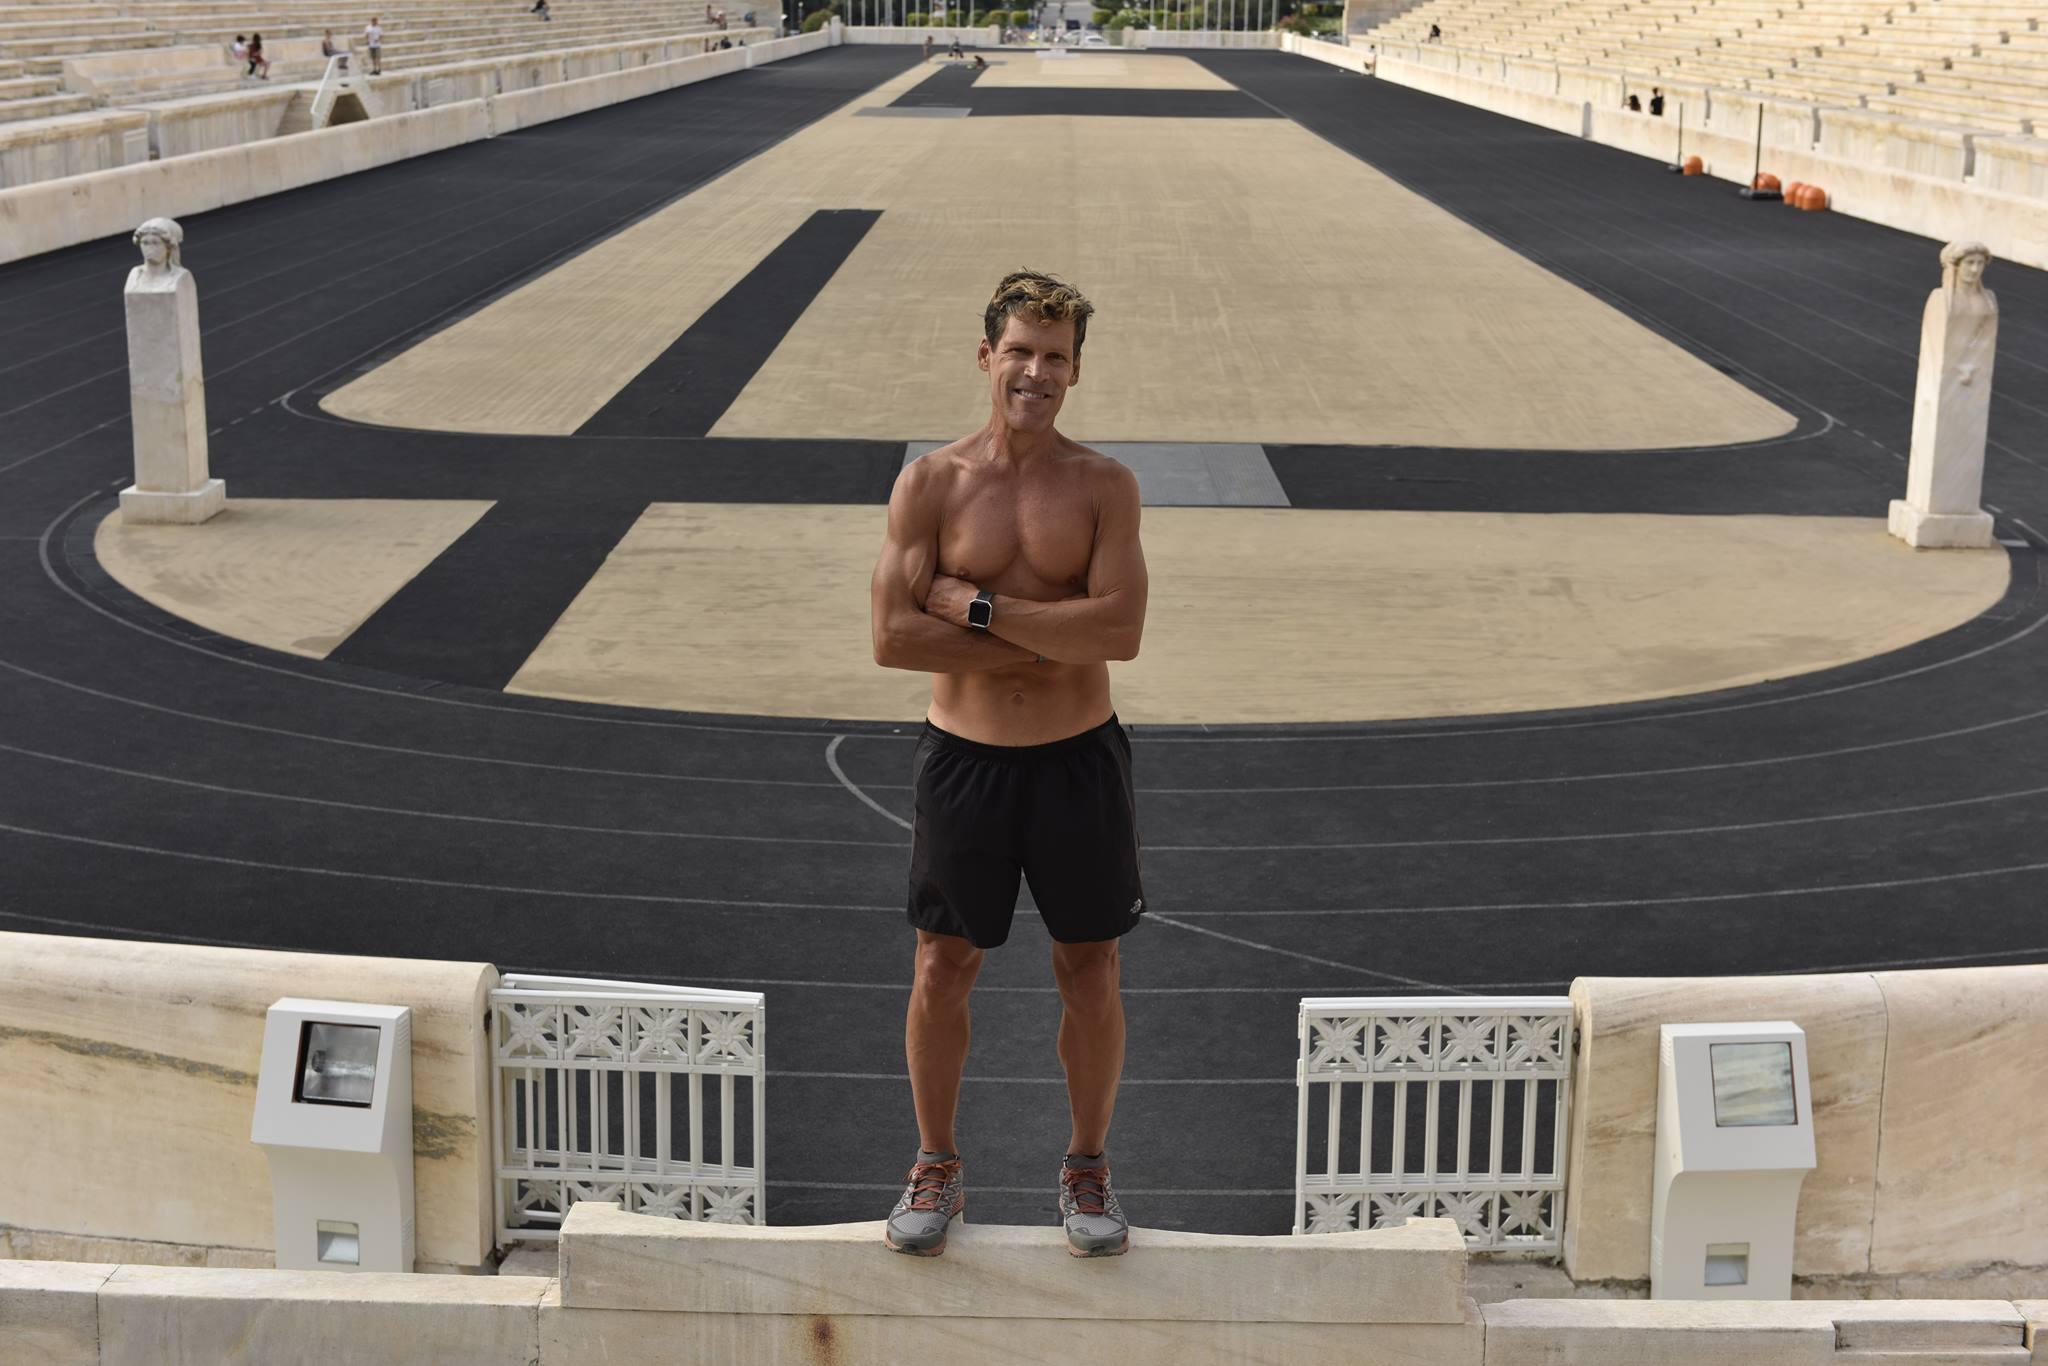 Depois de 15 anos sem correr, sua primeira corrida foi de 48 km Foto: Reprodução Facebook/ Dean Karnazes